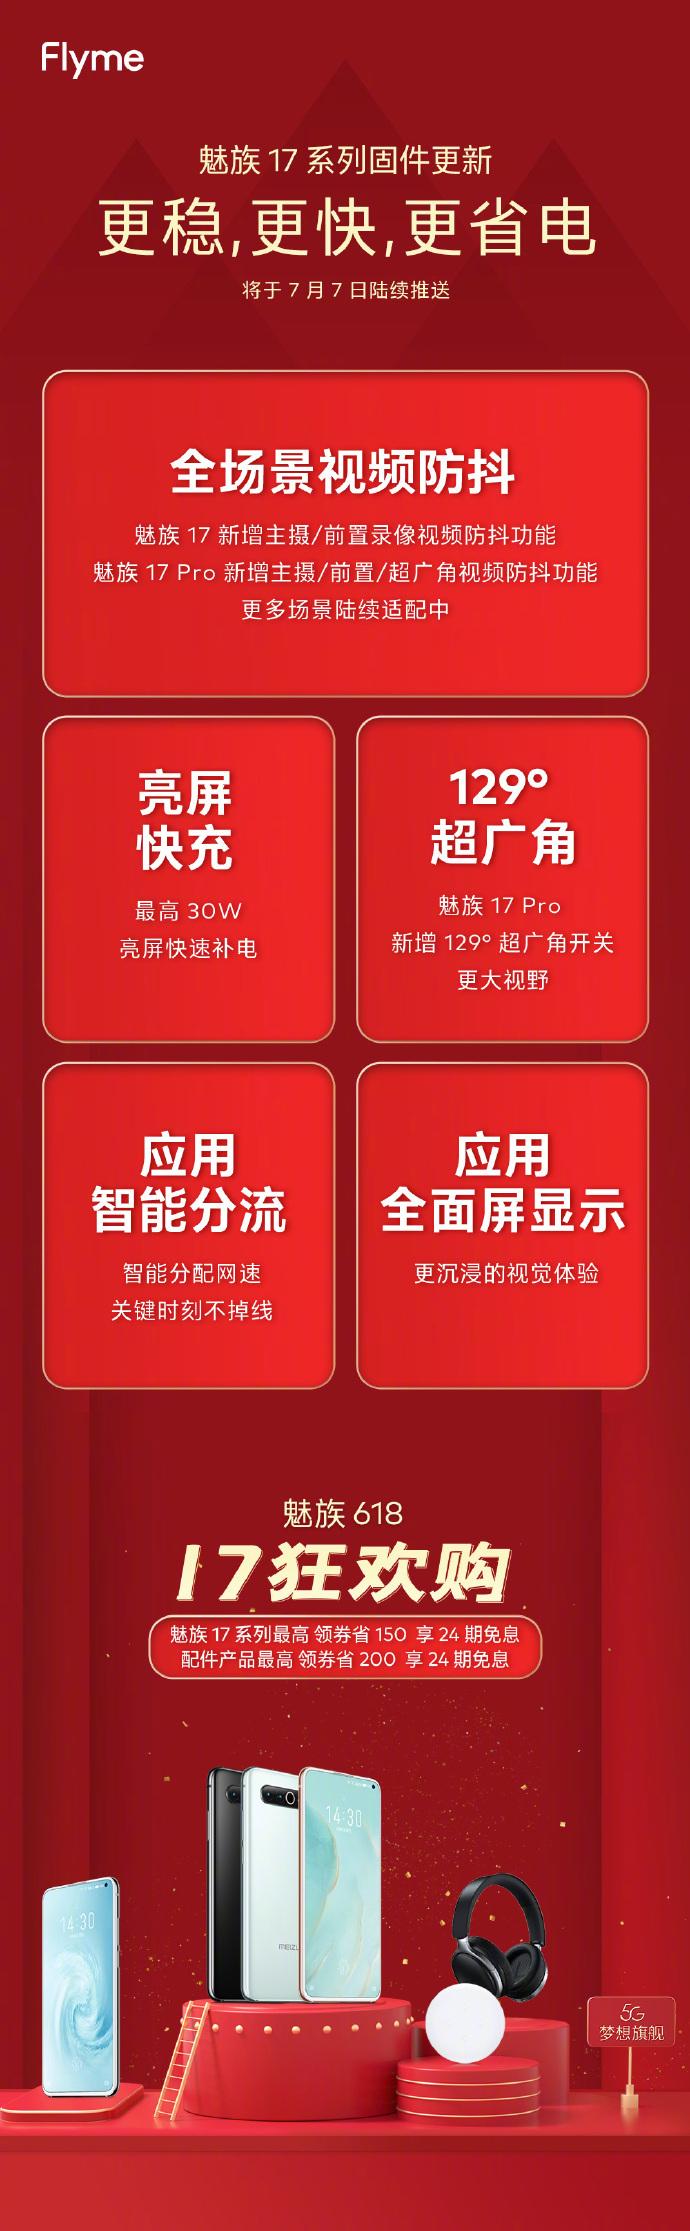 魅族17/Pro将会在7月7日发布固件更新:支持全场景视频防抖-玩懂手机网 - 玩懂手机第一手的手机资讯网(www.wdshouji.com)